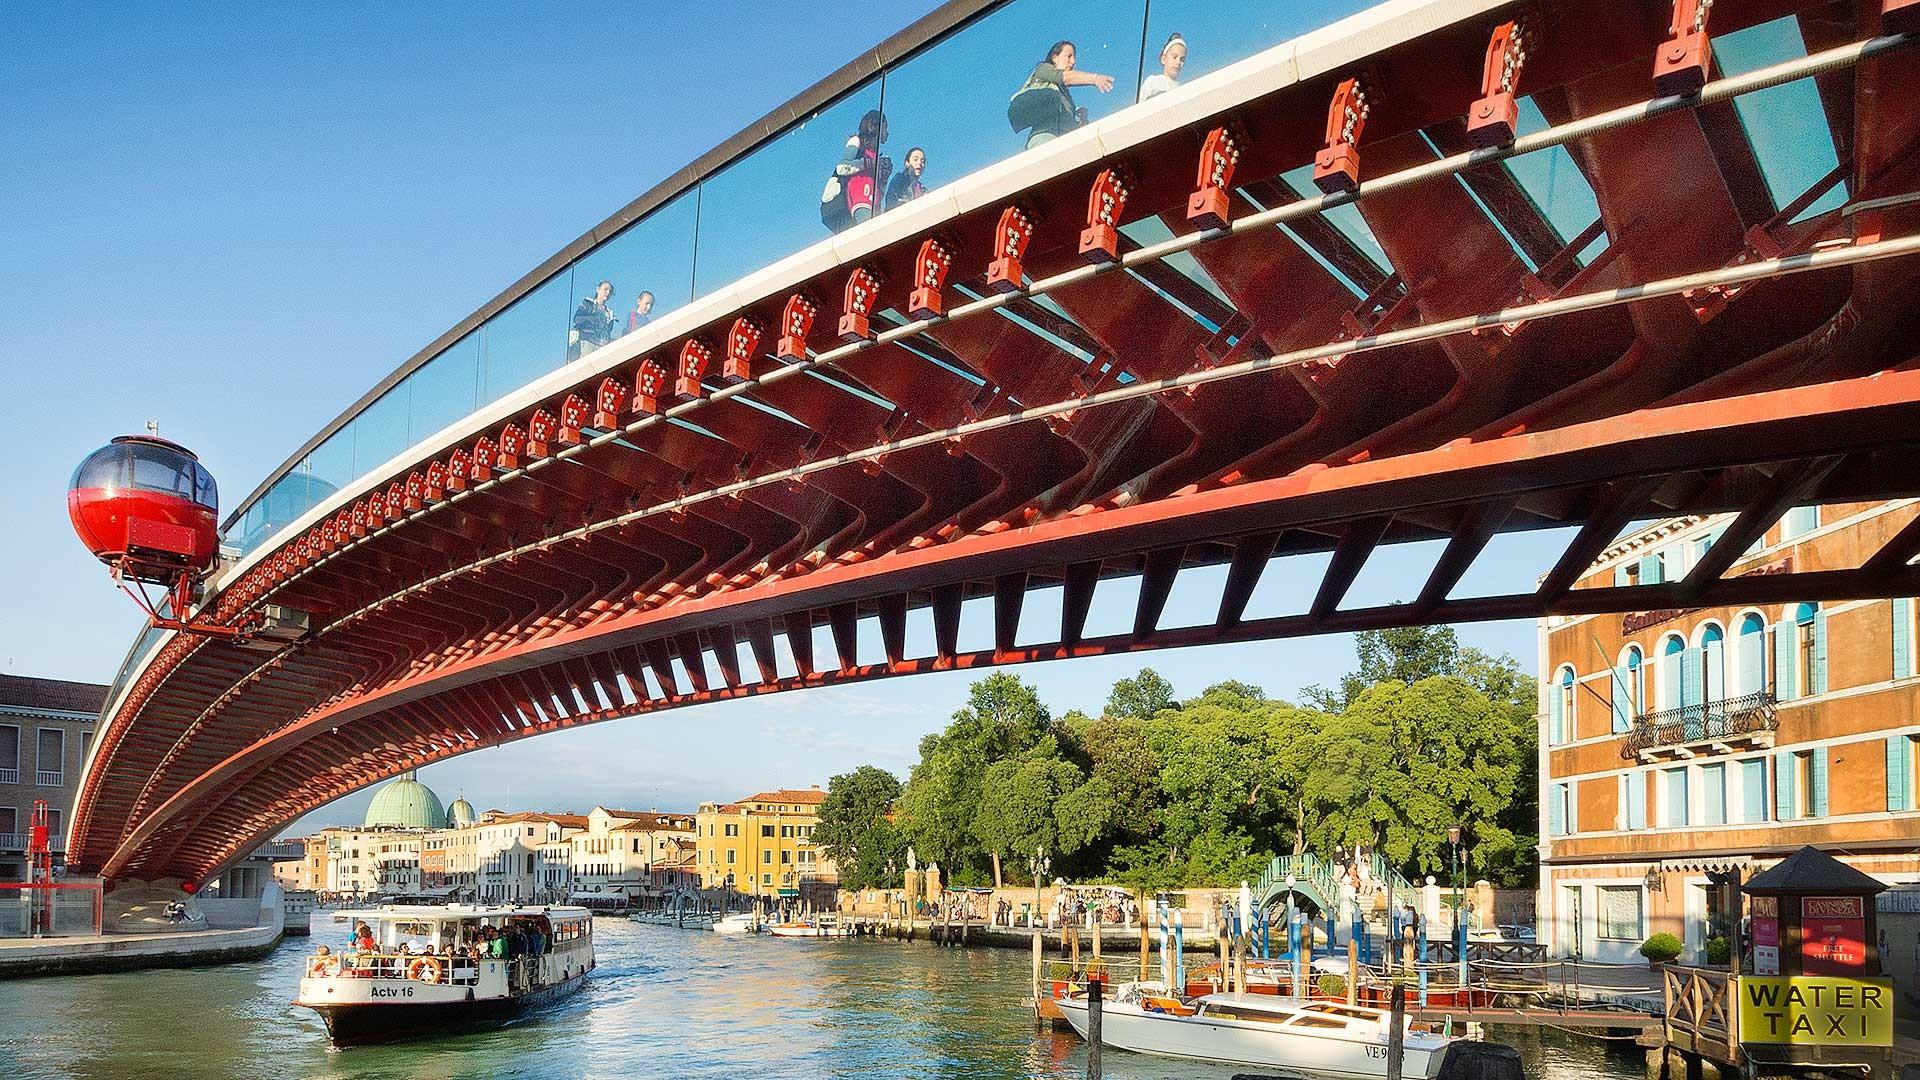 NEW ITALY - Arch. Santiago Calatrava, Ponte della Libertà, Venezia